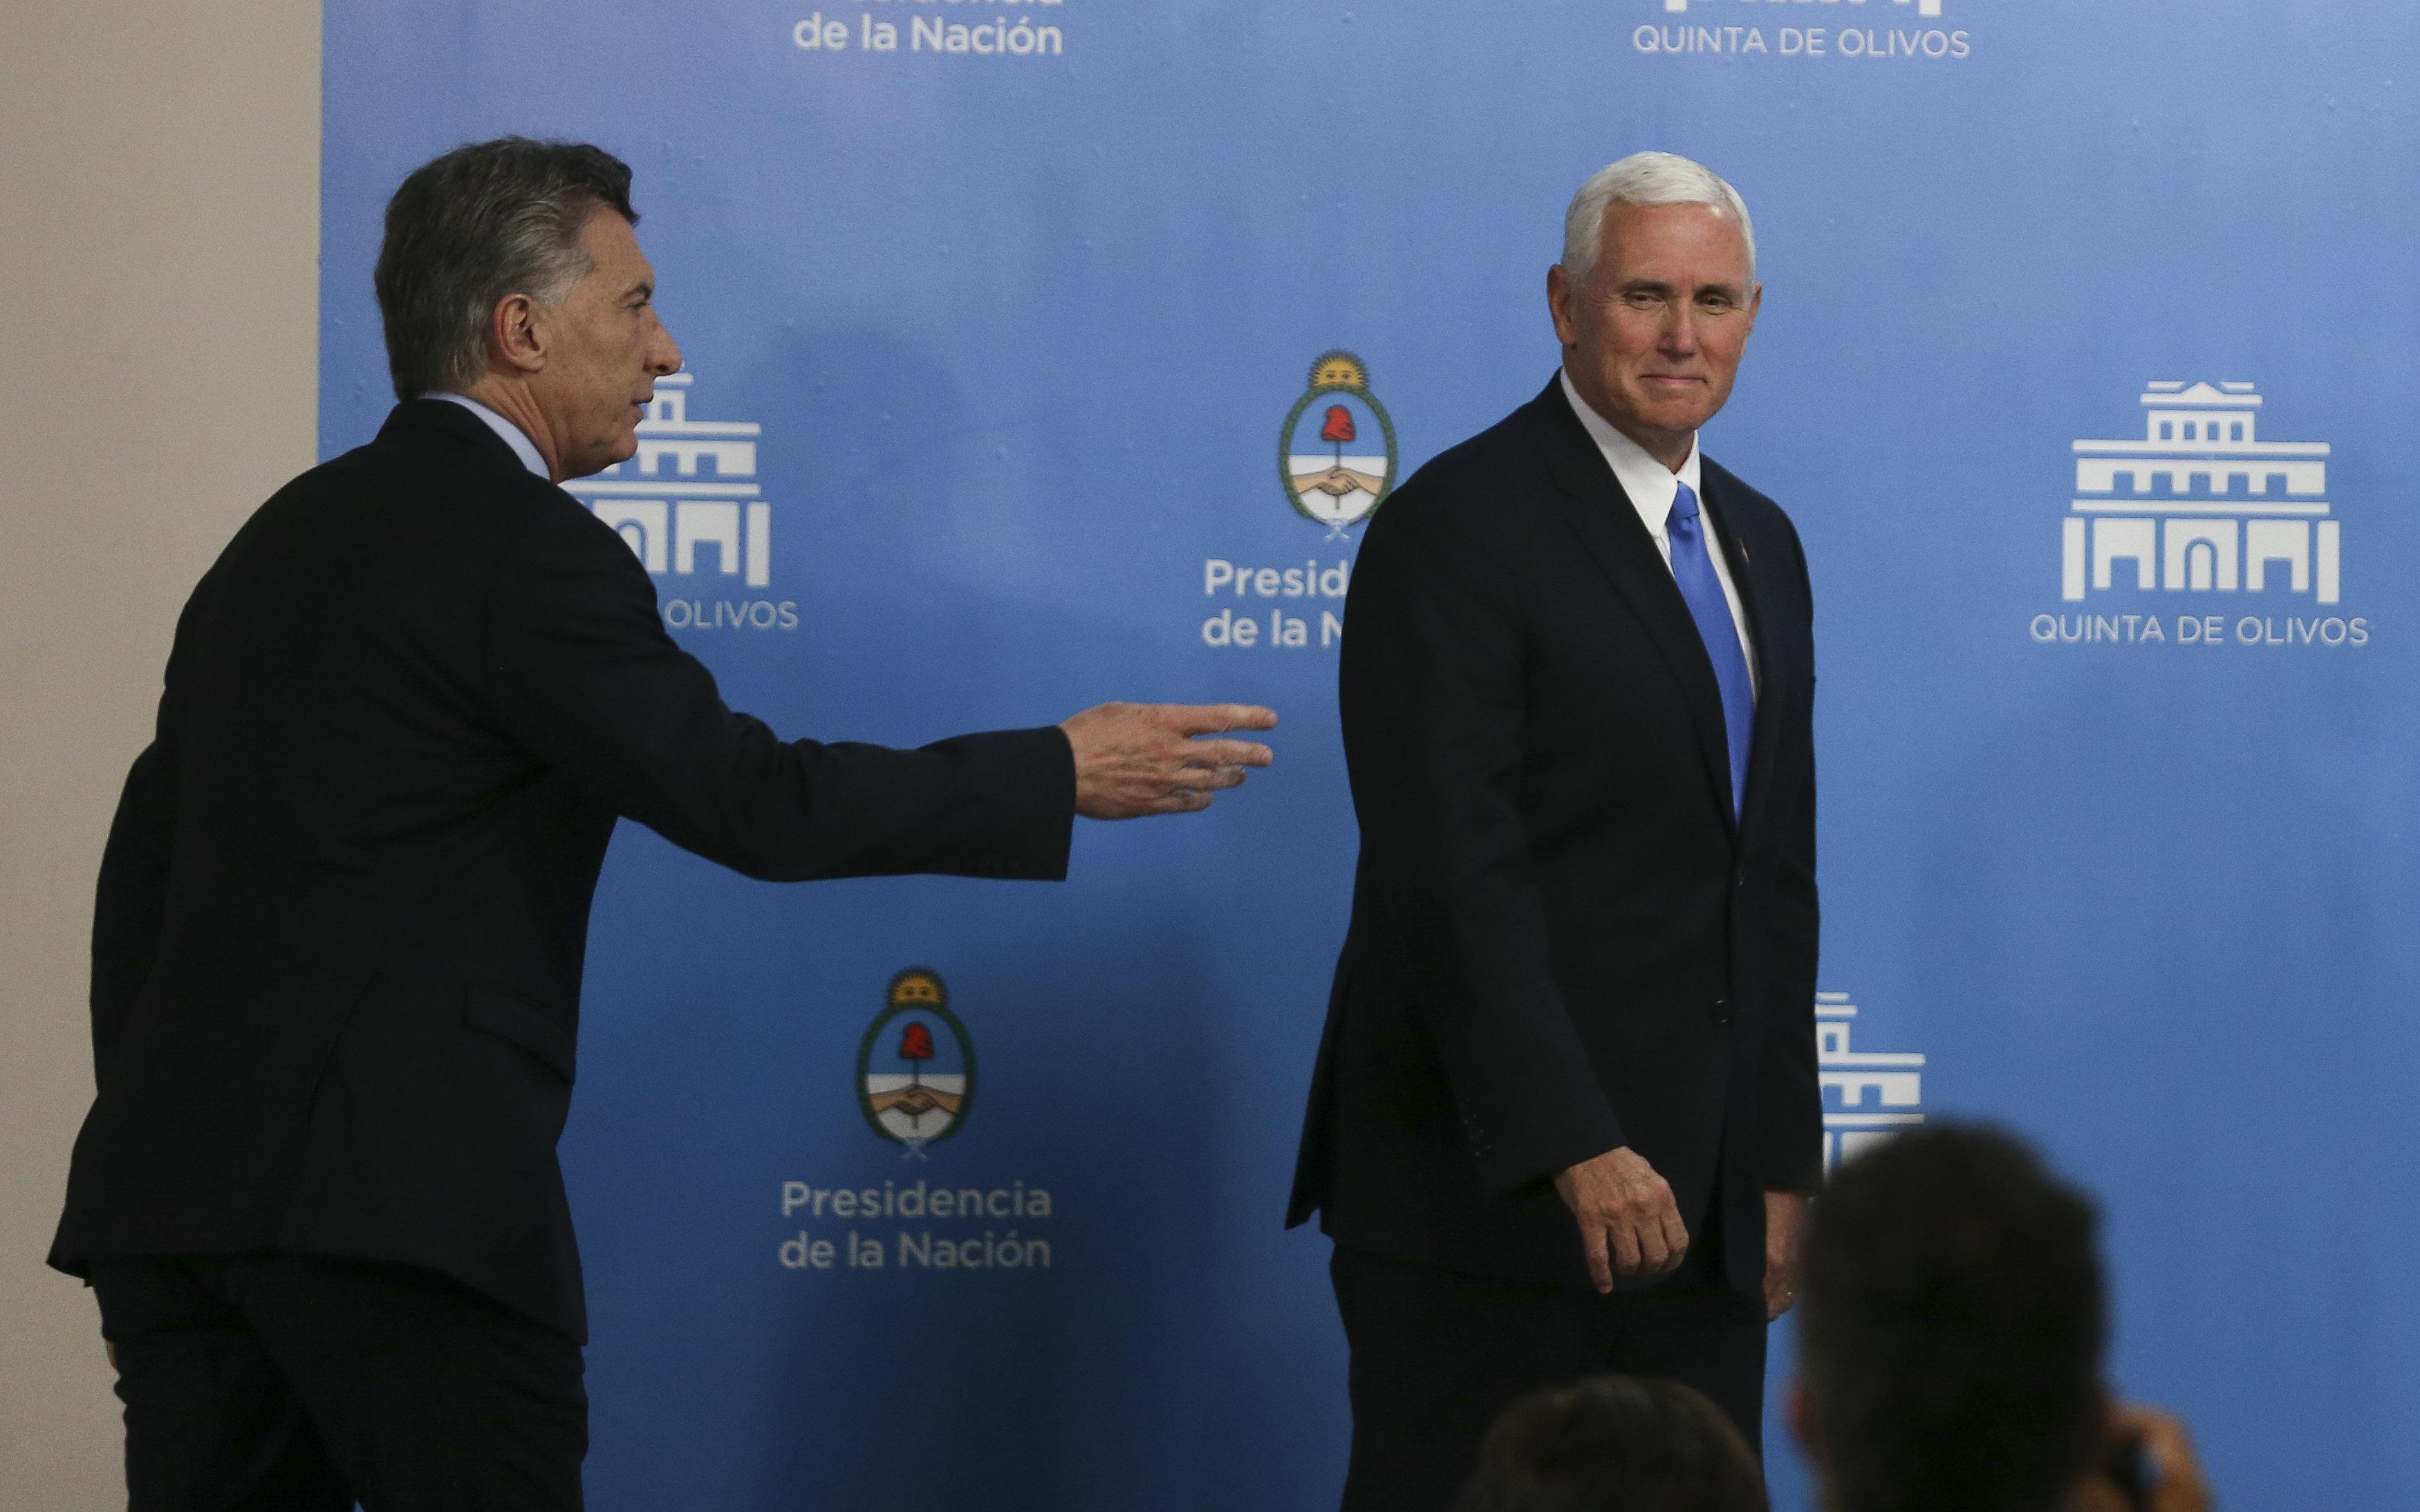 El president d'Argentina, Mauricio Macri, i el vicepresident d'Estats Units, Mike Pence, arriben per oferir una conferència de premsa conjunta en la residència oficial d'Olivos, avui, dimarts 15 d'agost de 2017, a Buenos Aires (l'Argentina). Pence realitza una visita oficial a l'Argentina com a part de la seva primera gira per Amèrica Llatina. /David Fernández